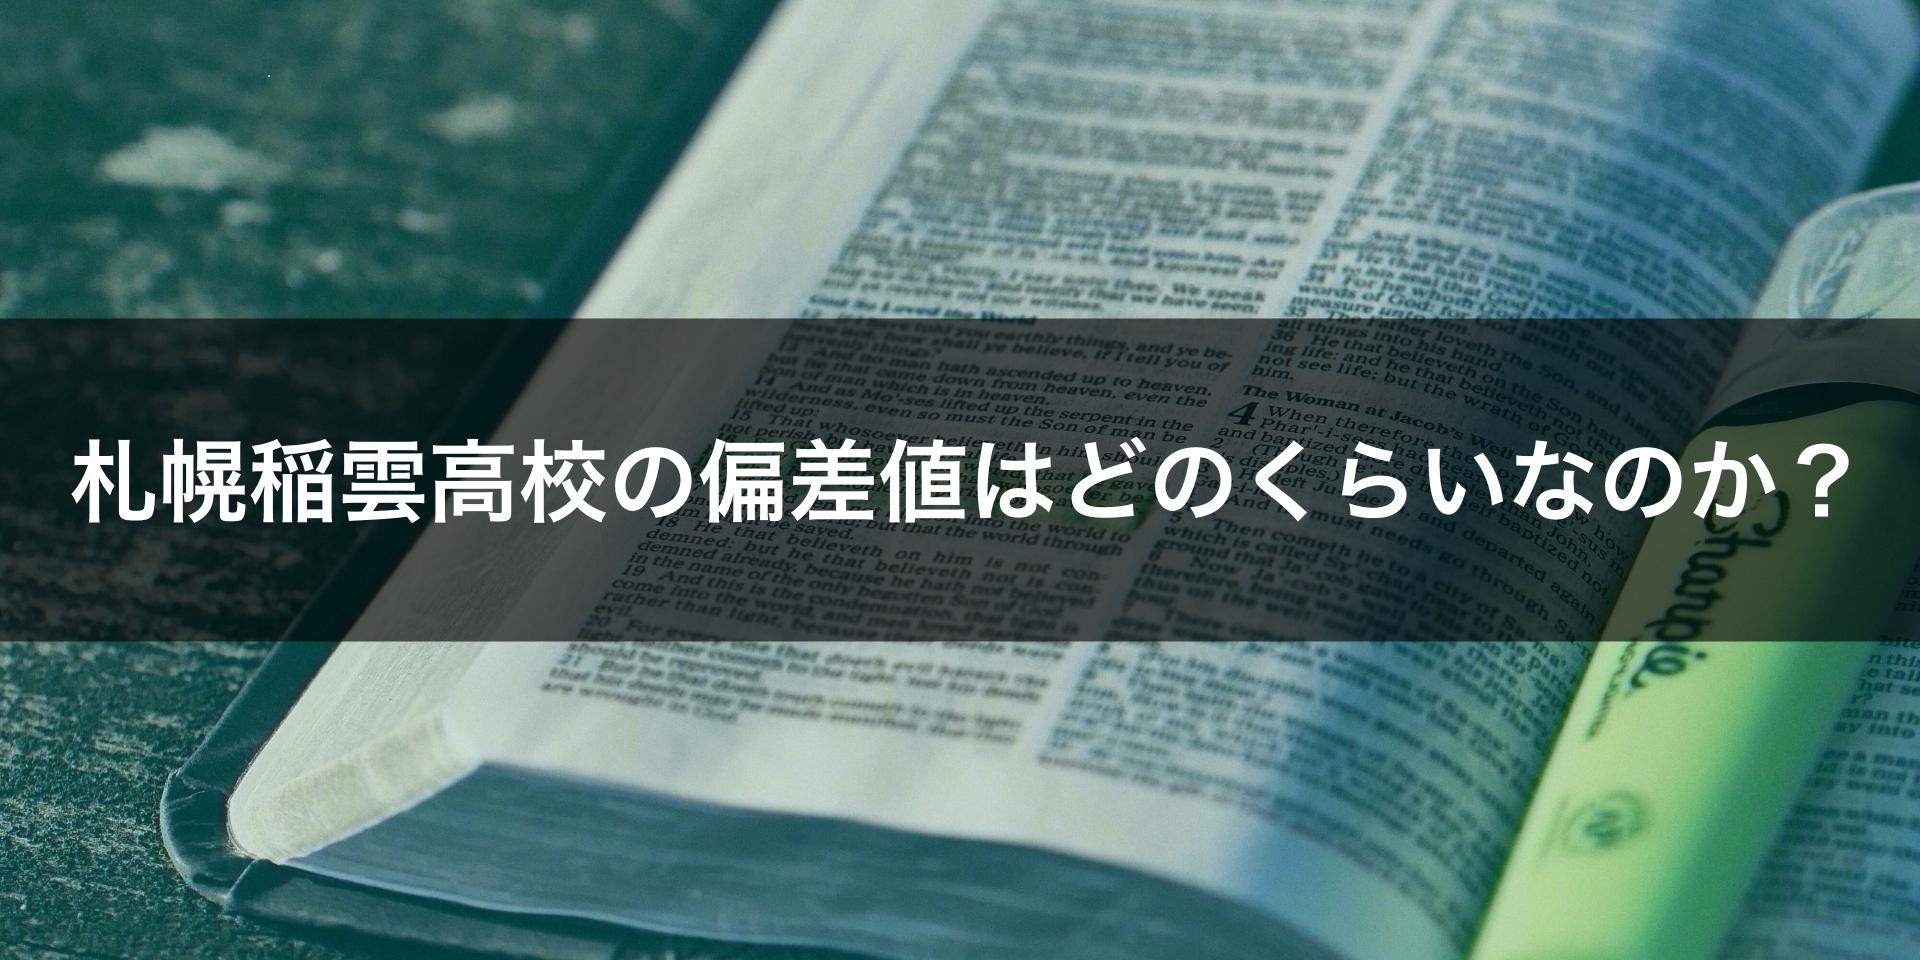 札幌稲雲高校の偏差値はどのくらいなのか?